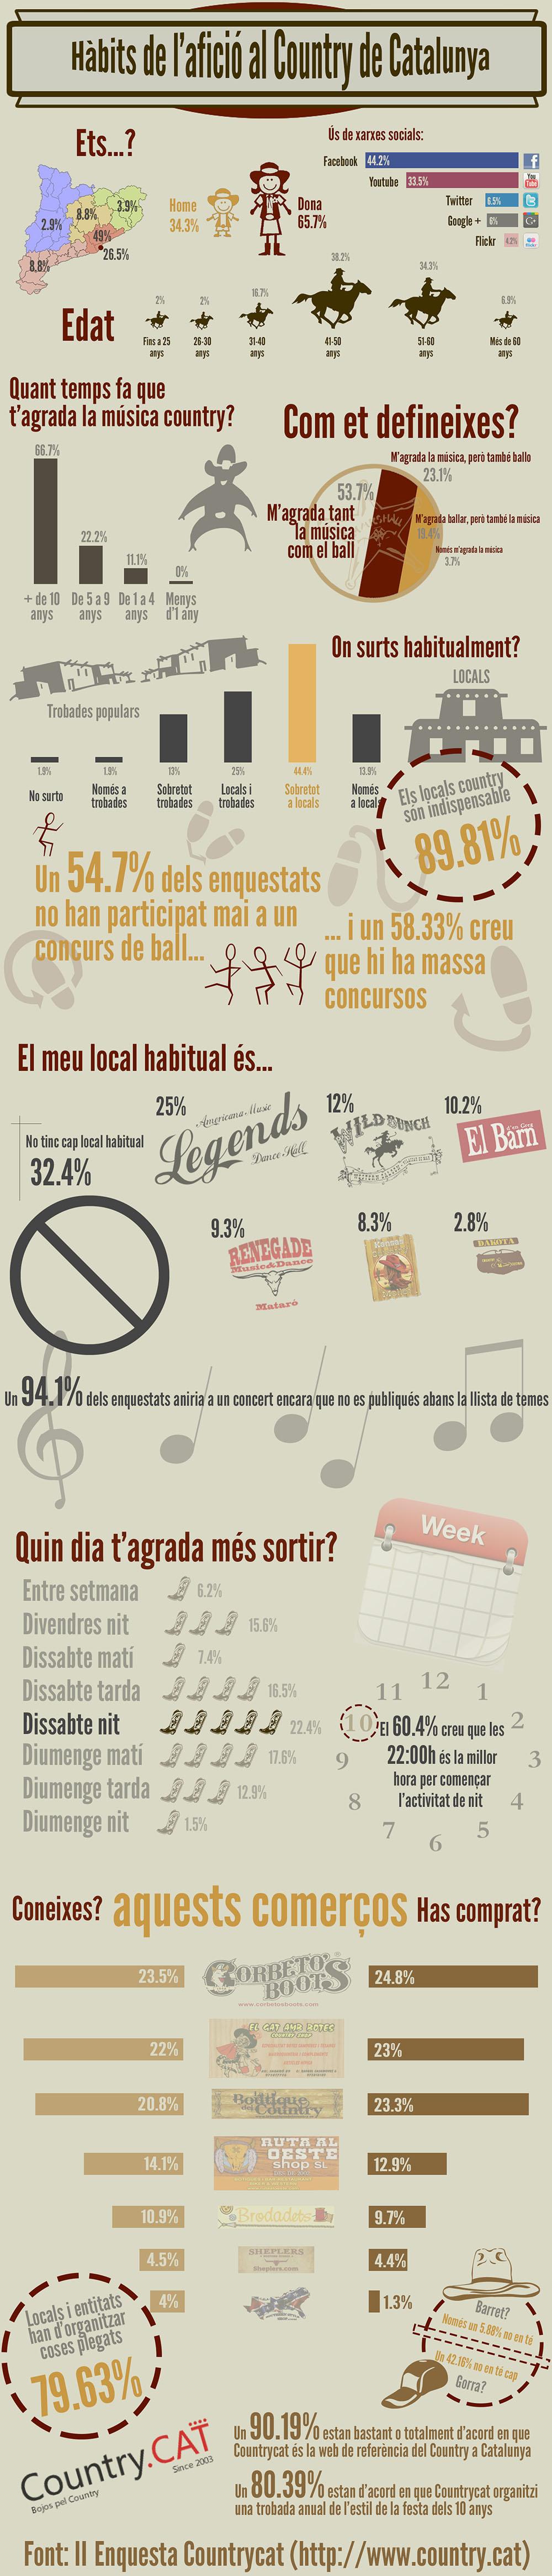 Infografia Enquesta Countrycat